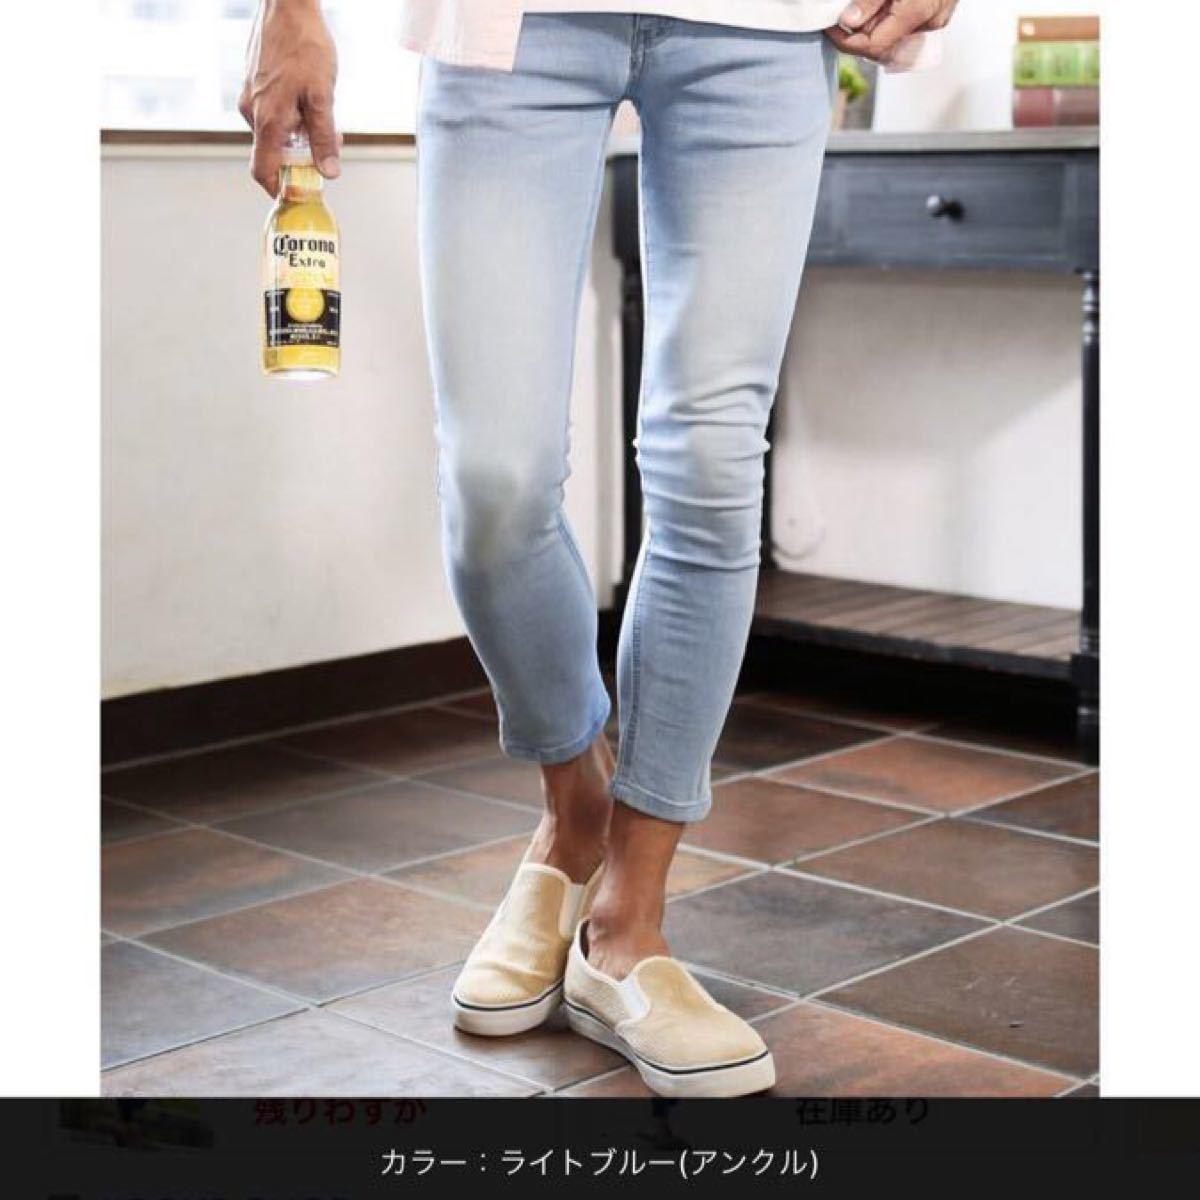 大人気!スキニーデニム メンズ ストレッチ パンツ Sサイズ ジョガーパンツ